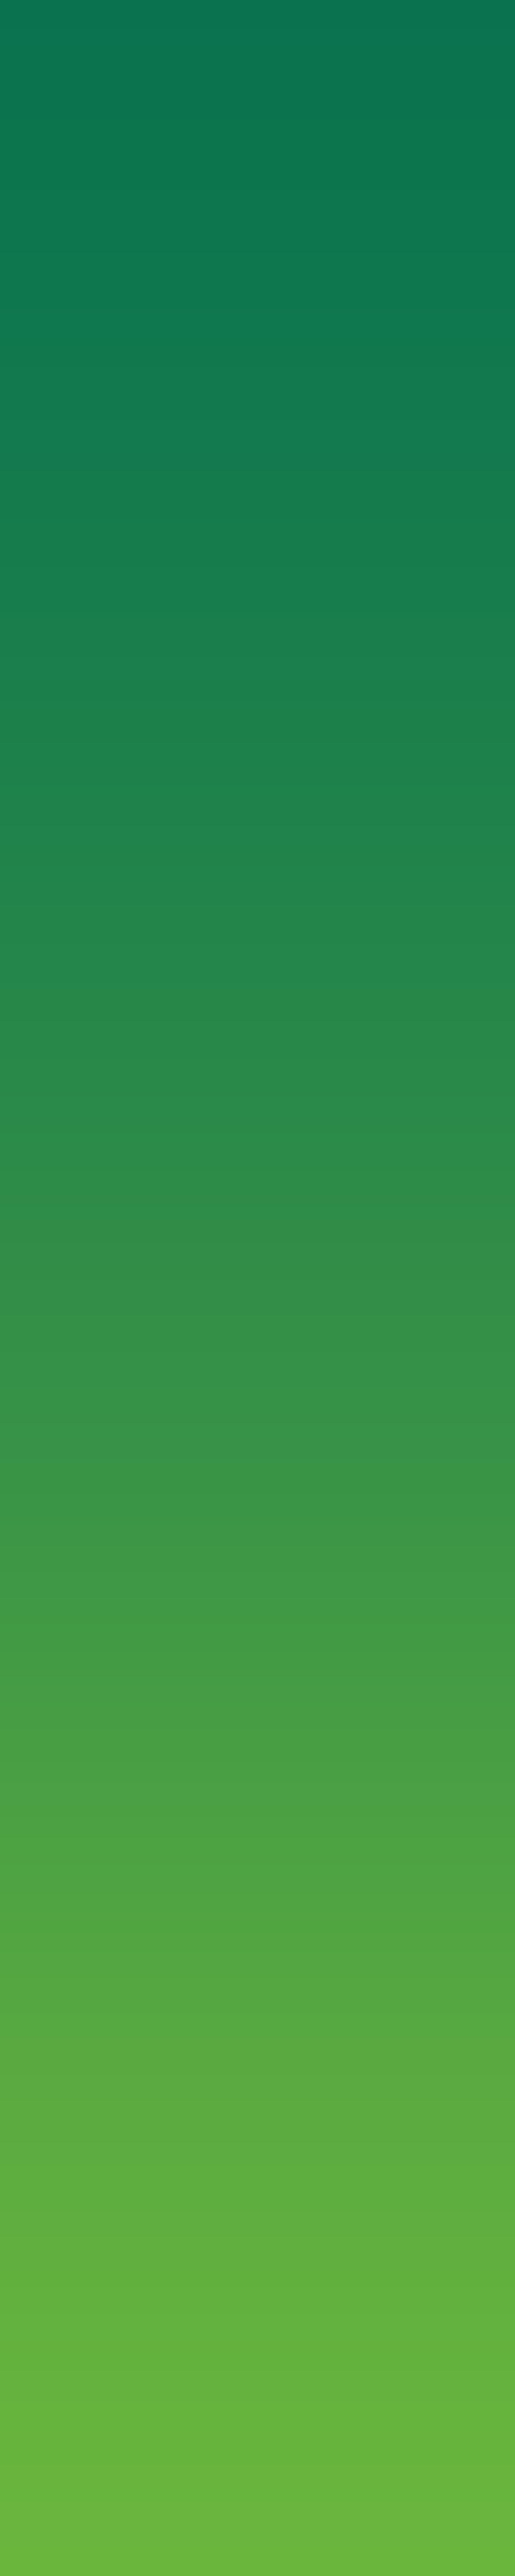 darkgreen.png